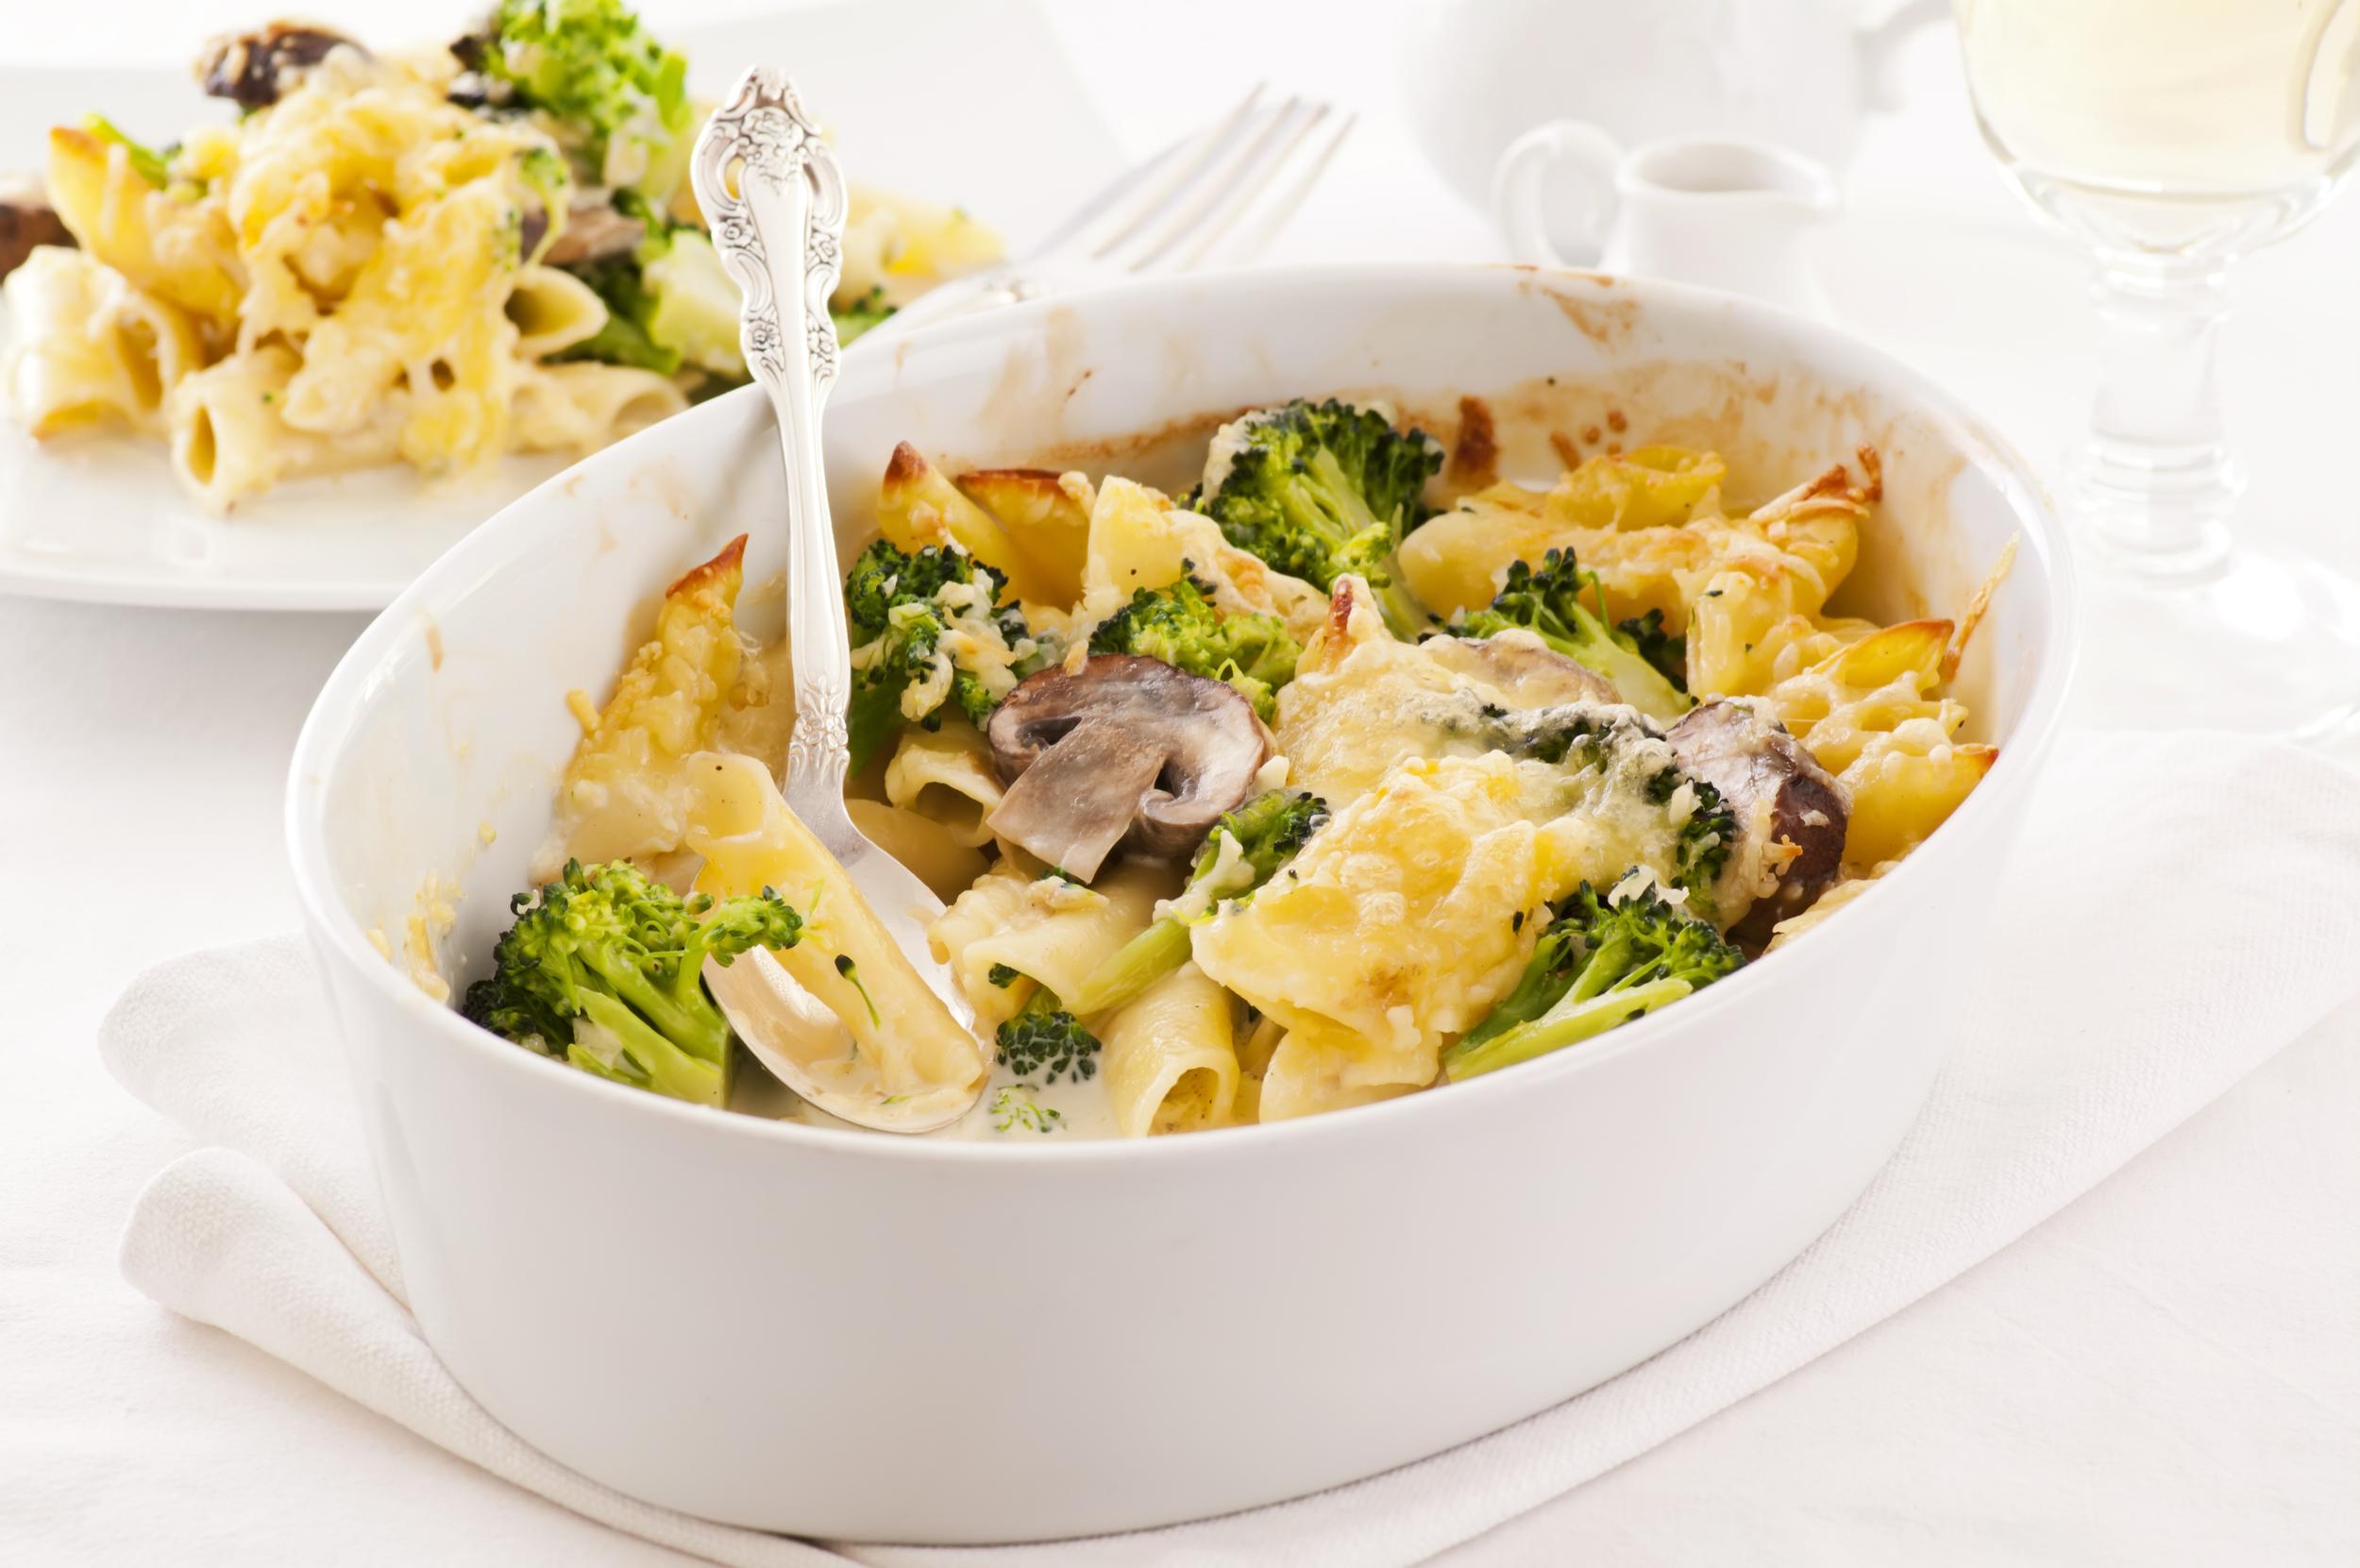 Broccoli and Cheese Pasta Casserole